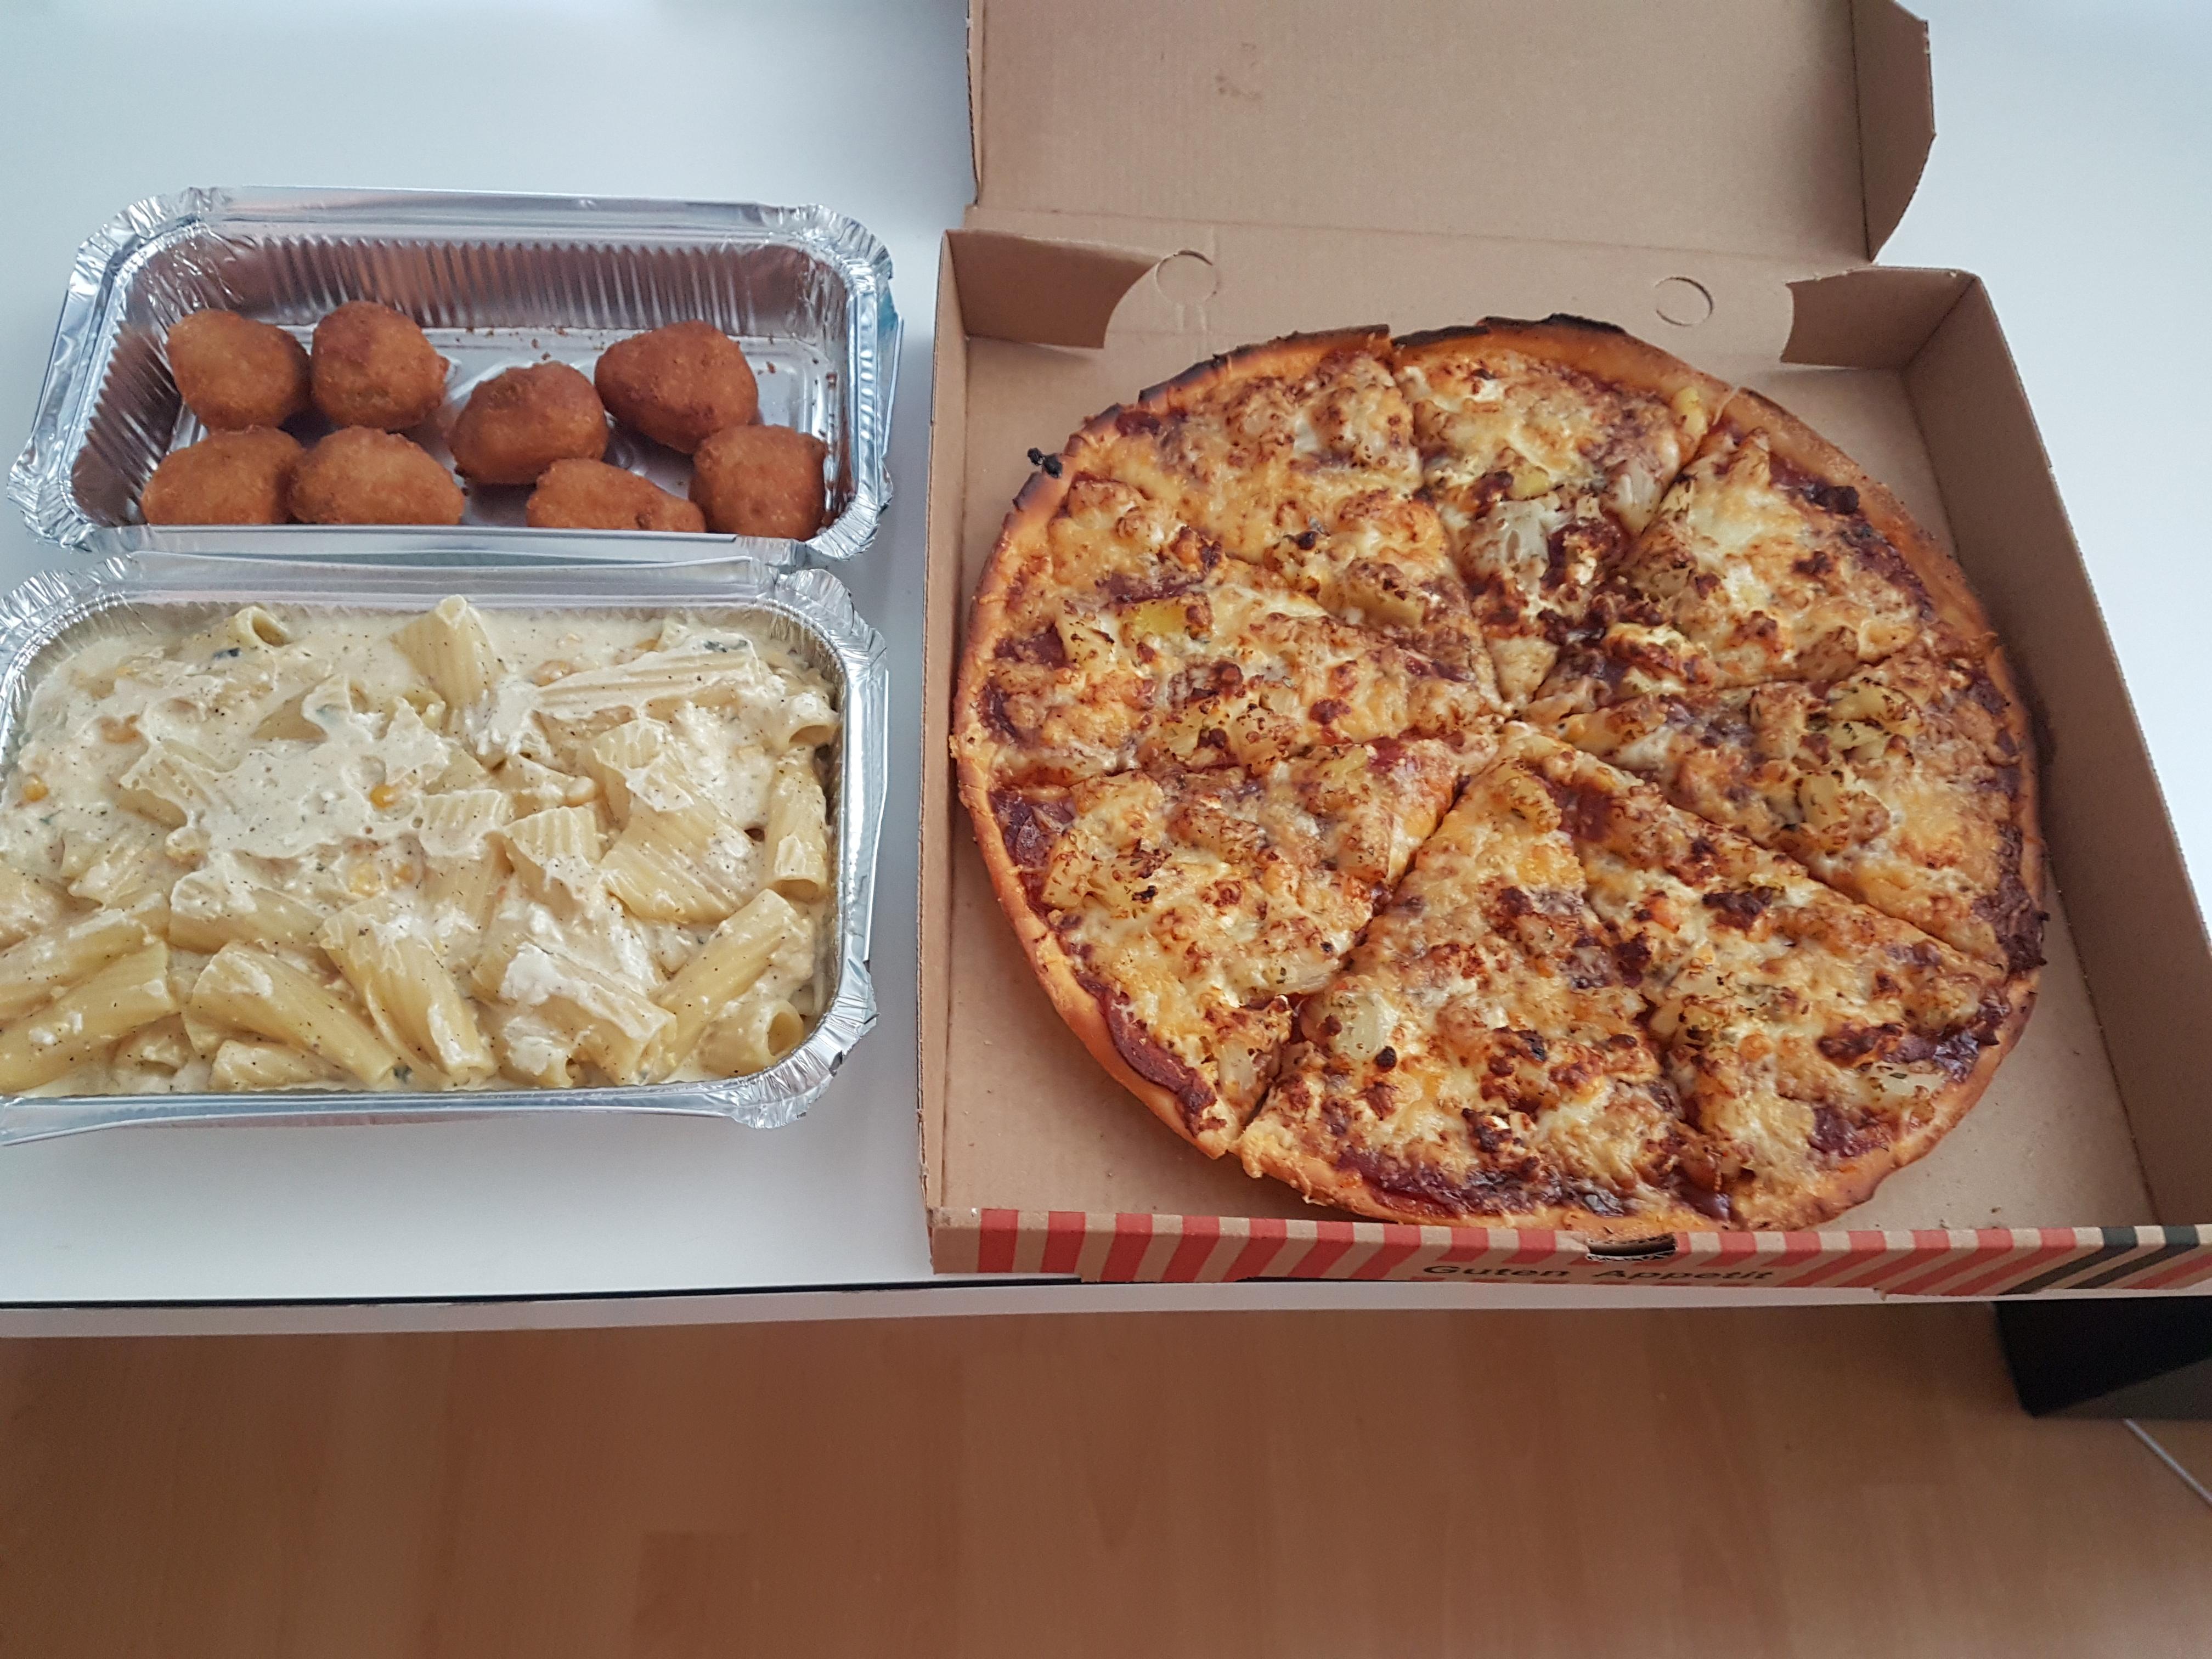 http://foodloader.net/Holz_2018-05-31_Pizza_und_Pasta_und_Chilli_Cheese_Nuggets.jpg